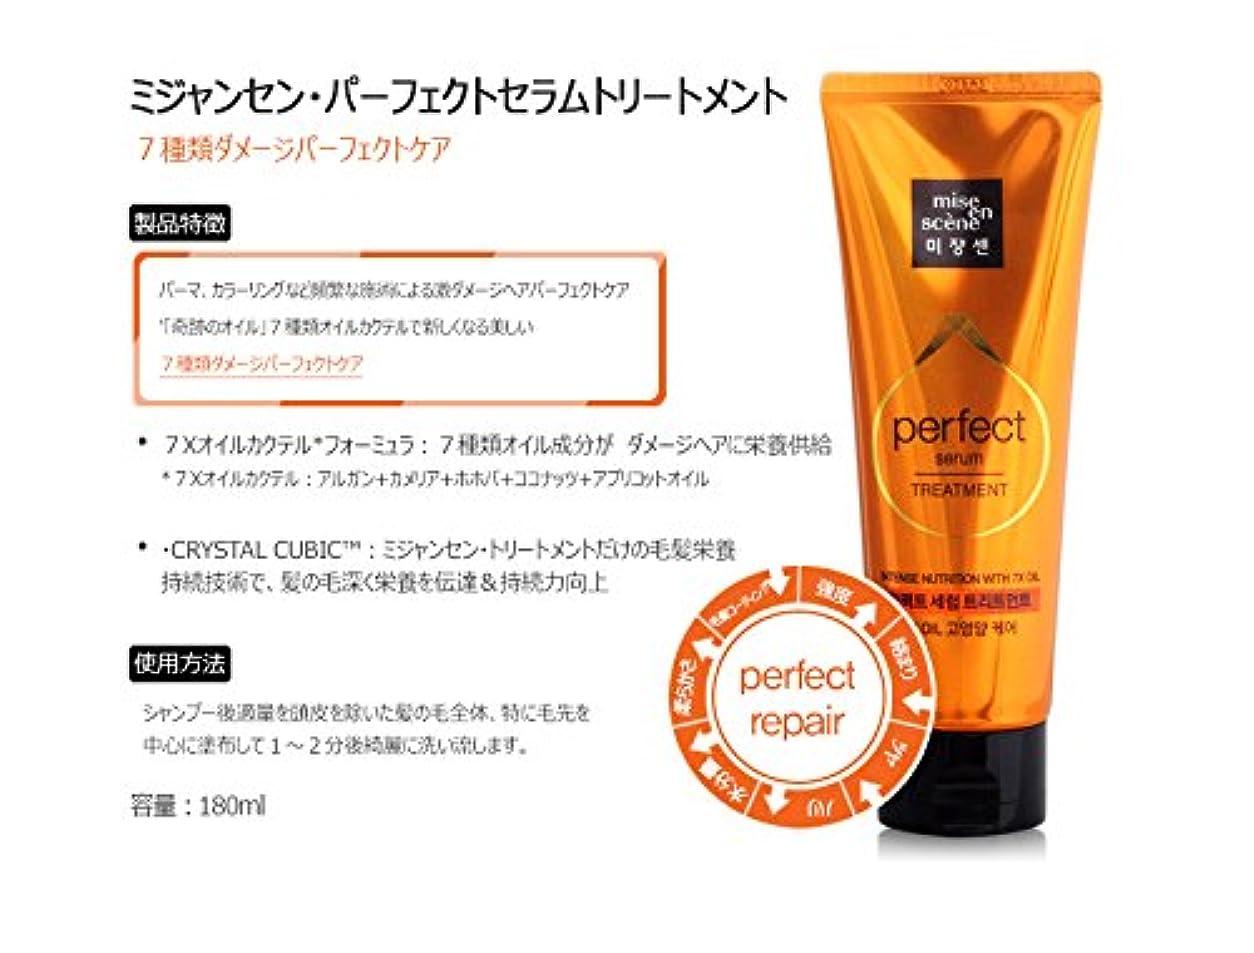 ほとんどない不毛のバンガロー[miseenscene]perfect serum treatment 180ml